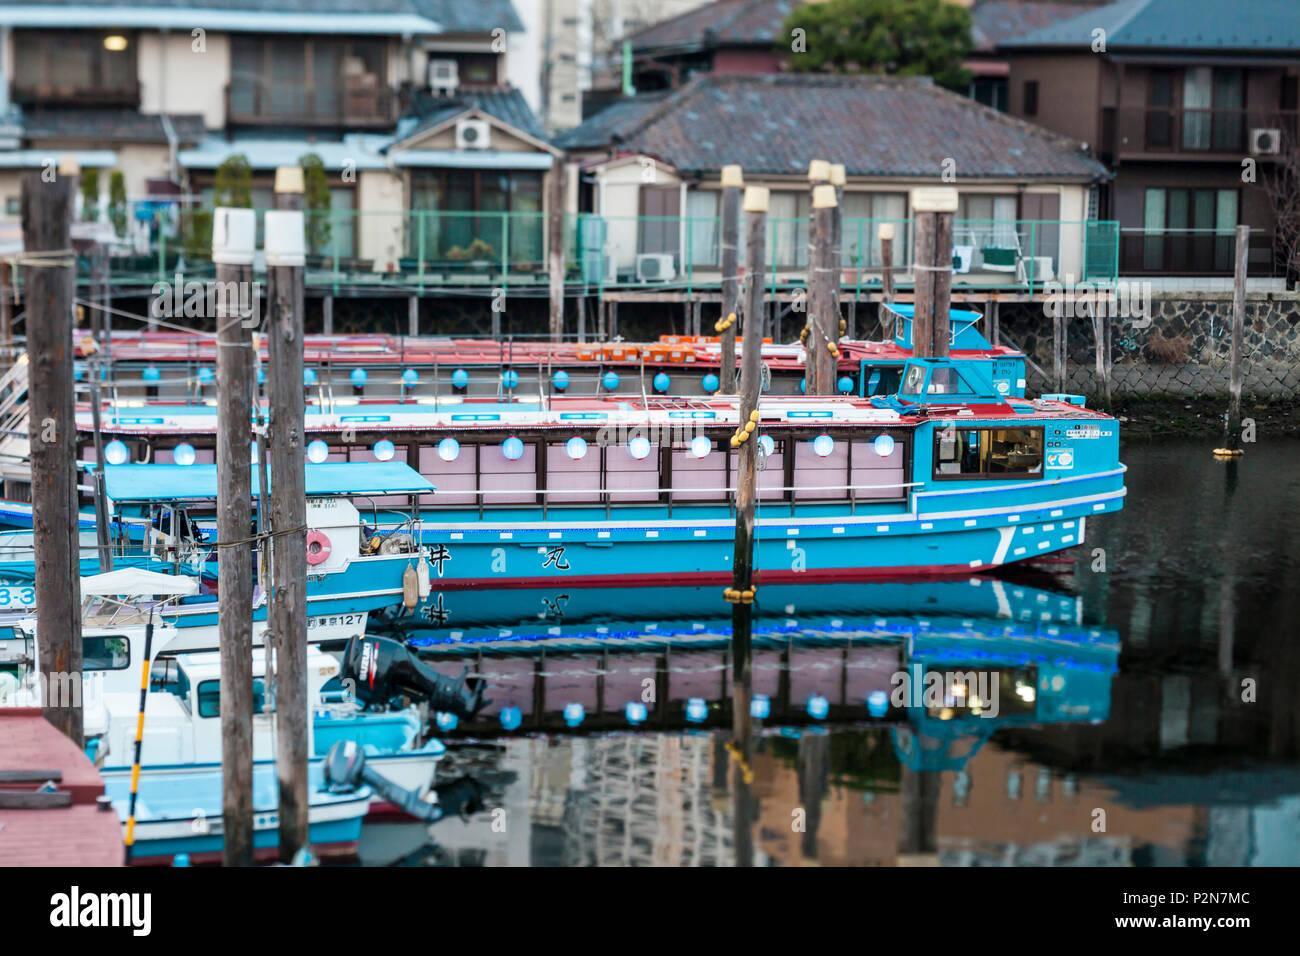 Les bateaux nostalgique avec des lanternes dans Kita-Shinagawa, Shinagawa, Tokyo, Japon Photo Stock